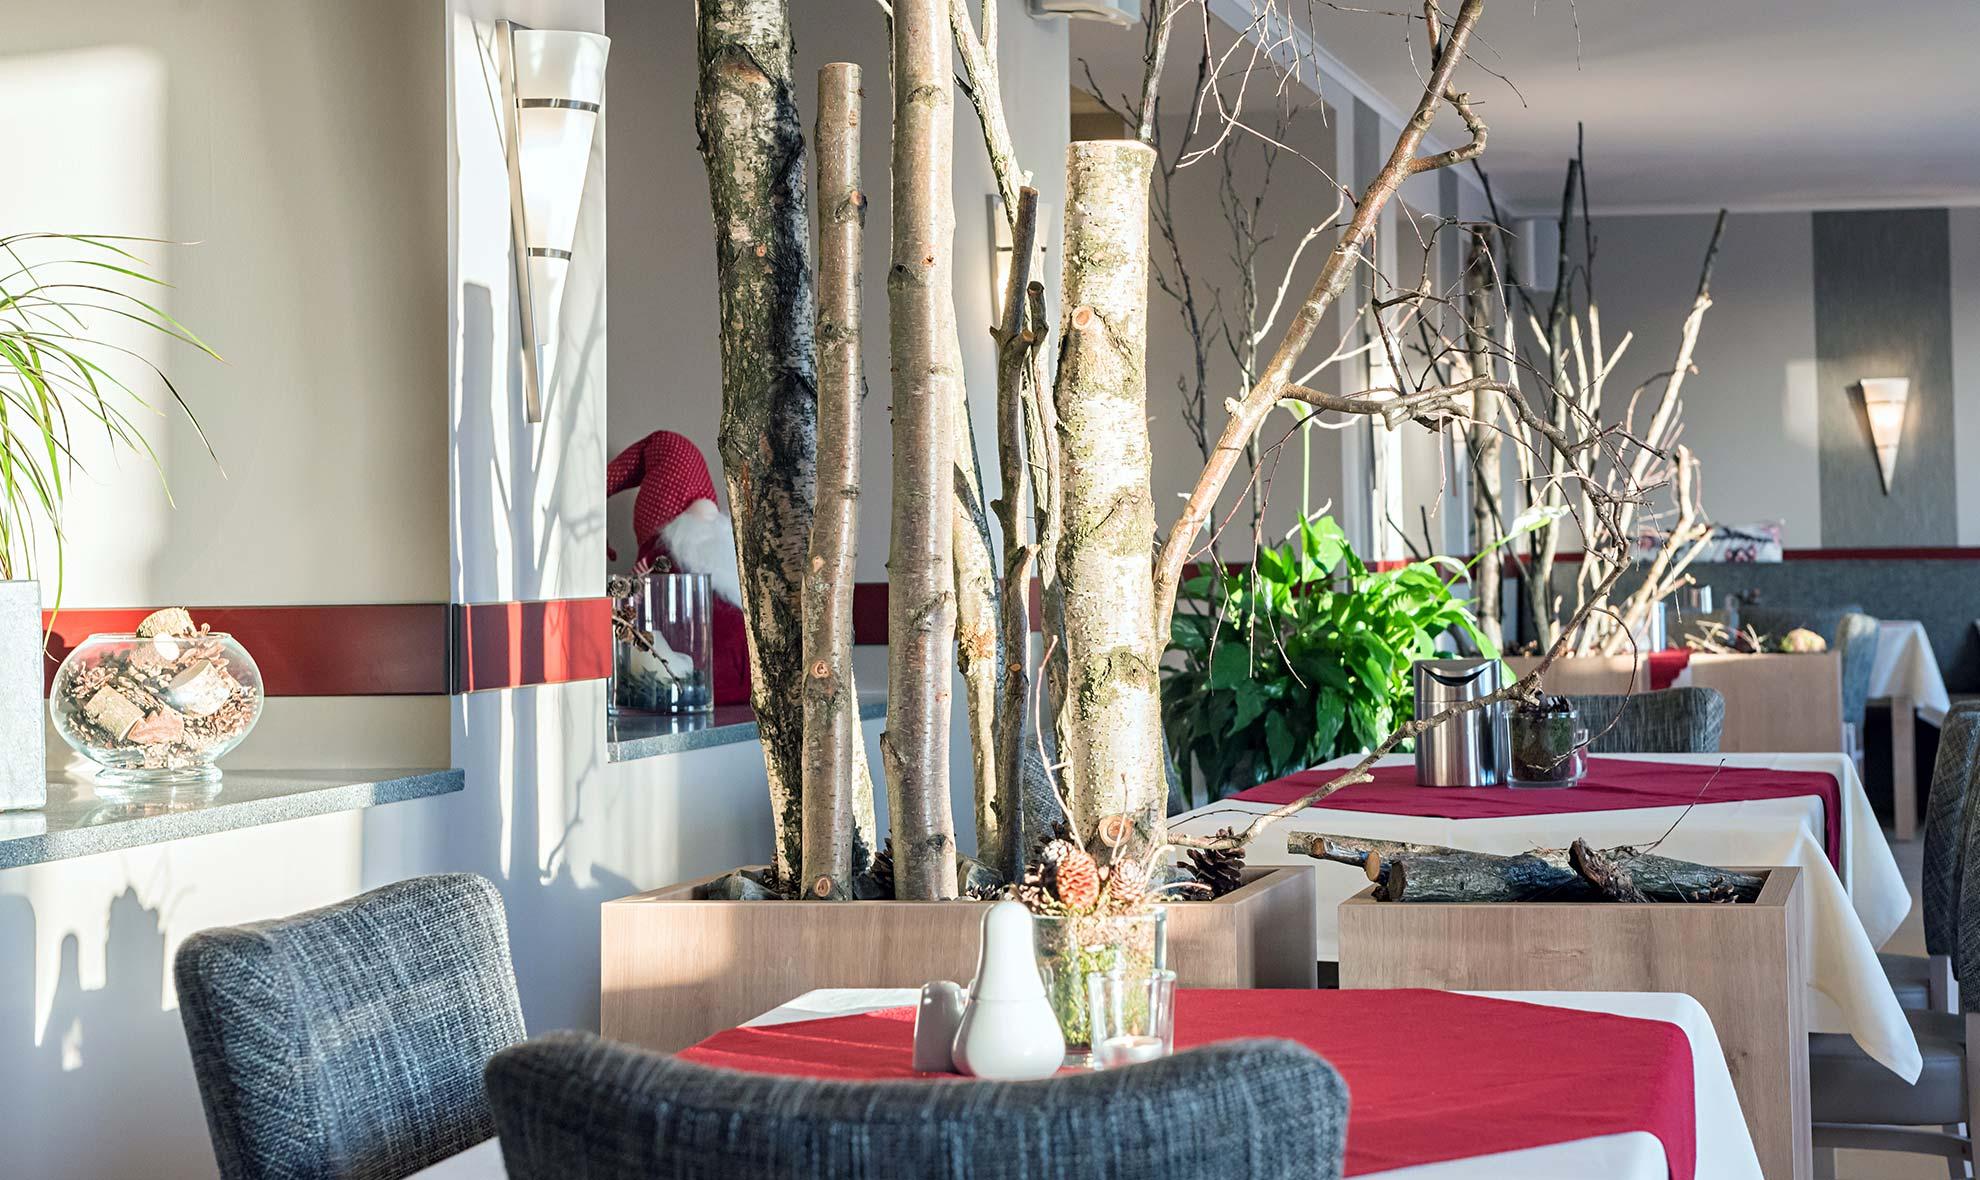 Rot Deko Frühstück Buffet Bufett Frühstücksbuffet a la carte Frühstücksraum Restaurant Hotel und Pension Traumblick